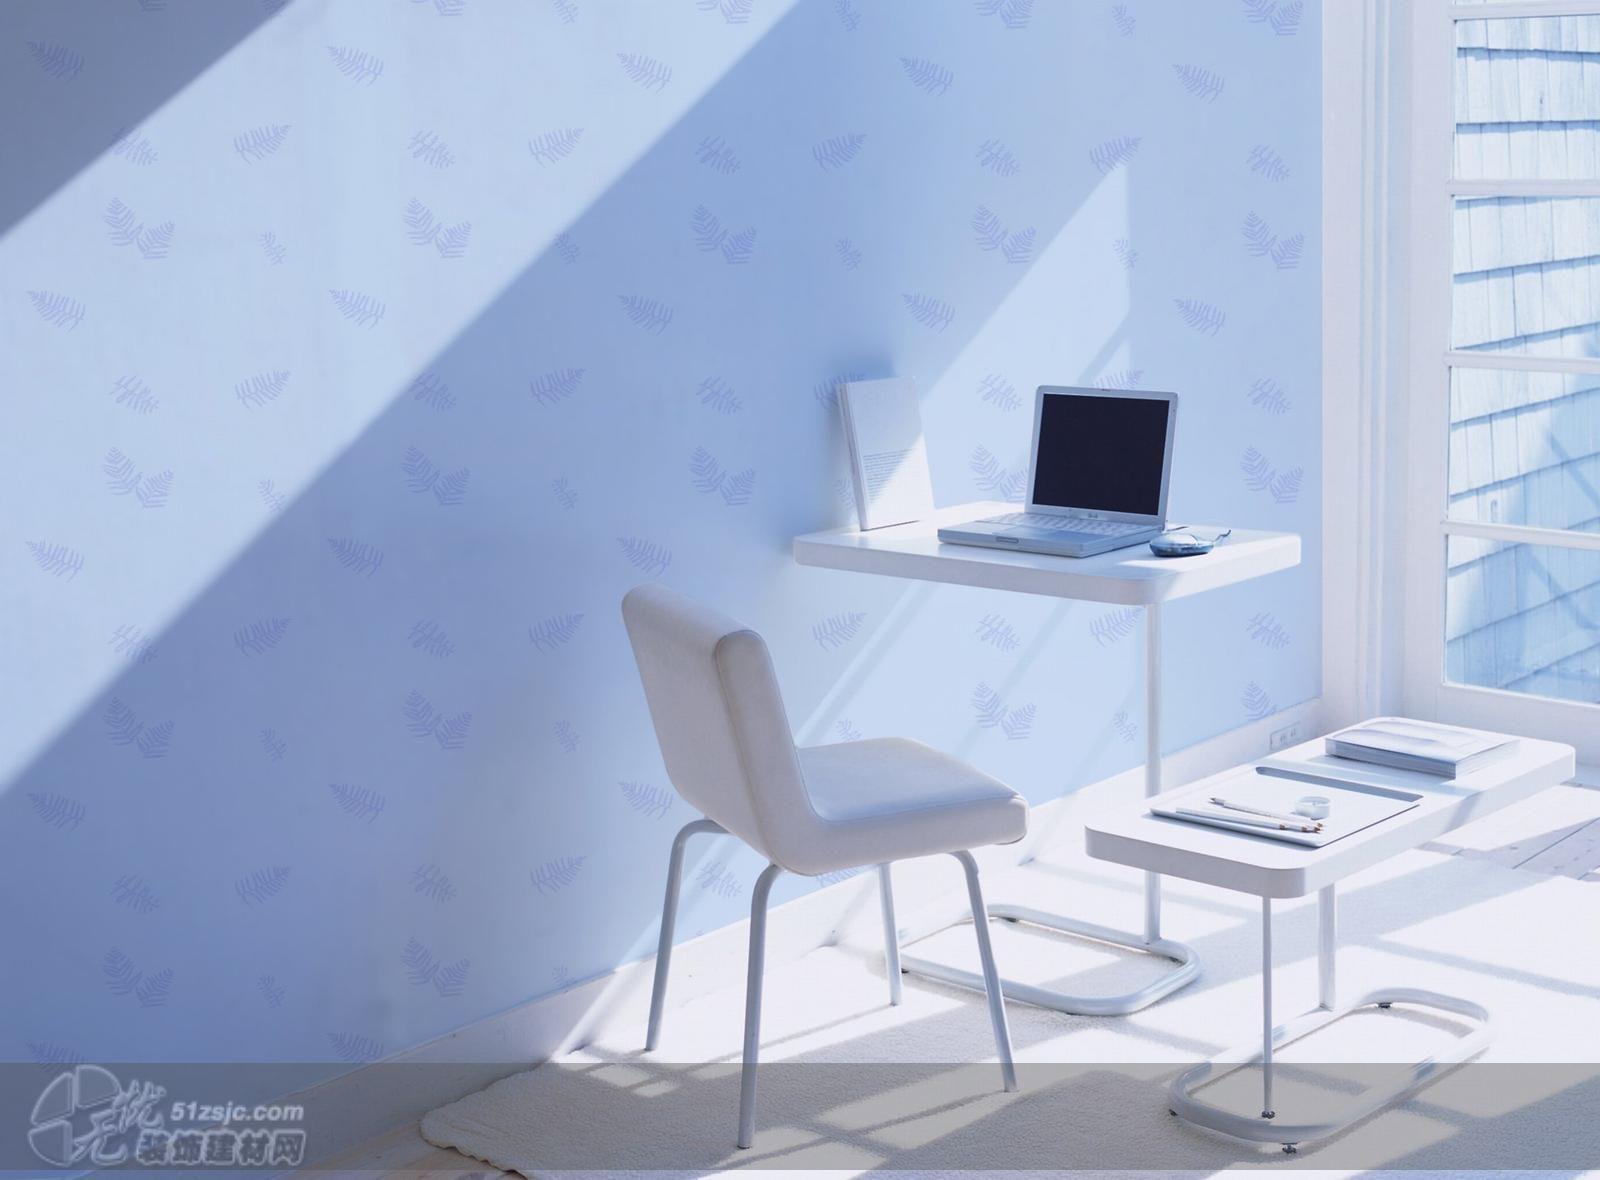 设计展示 爱家墙饰 高清图片